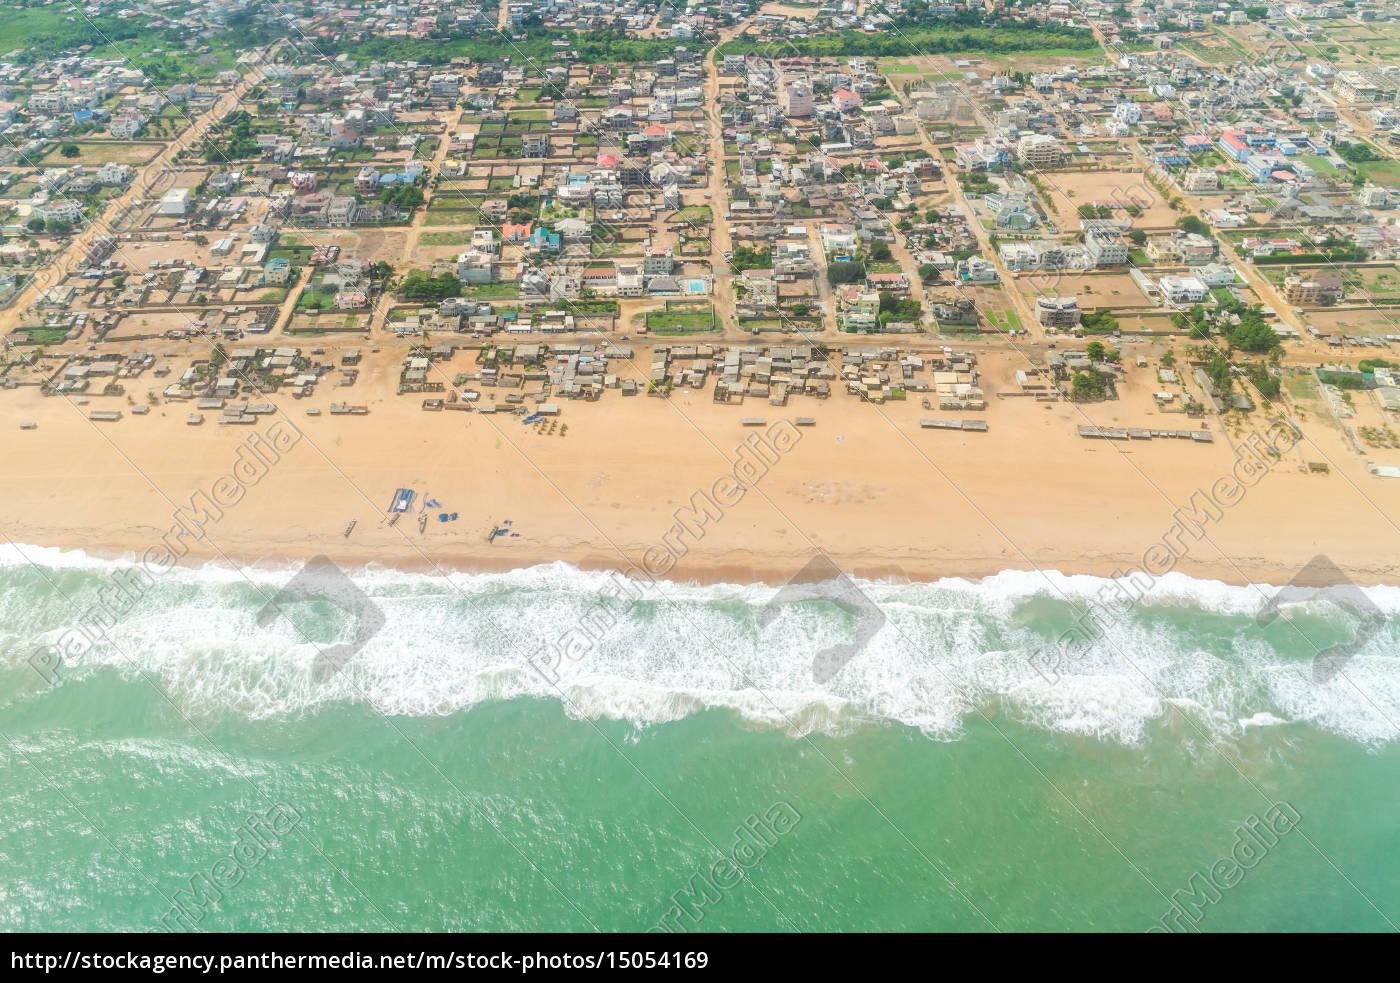 veduta, aerea, delle, coste, del, cotonou, benin. - 15054169